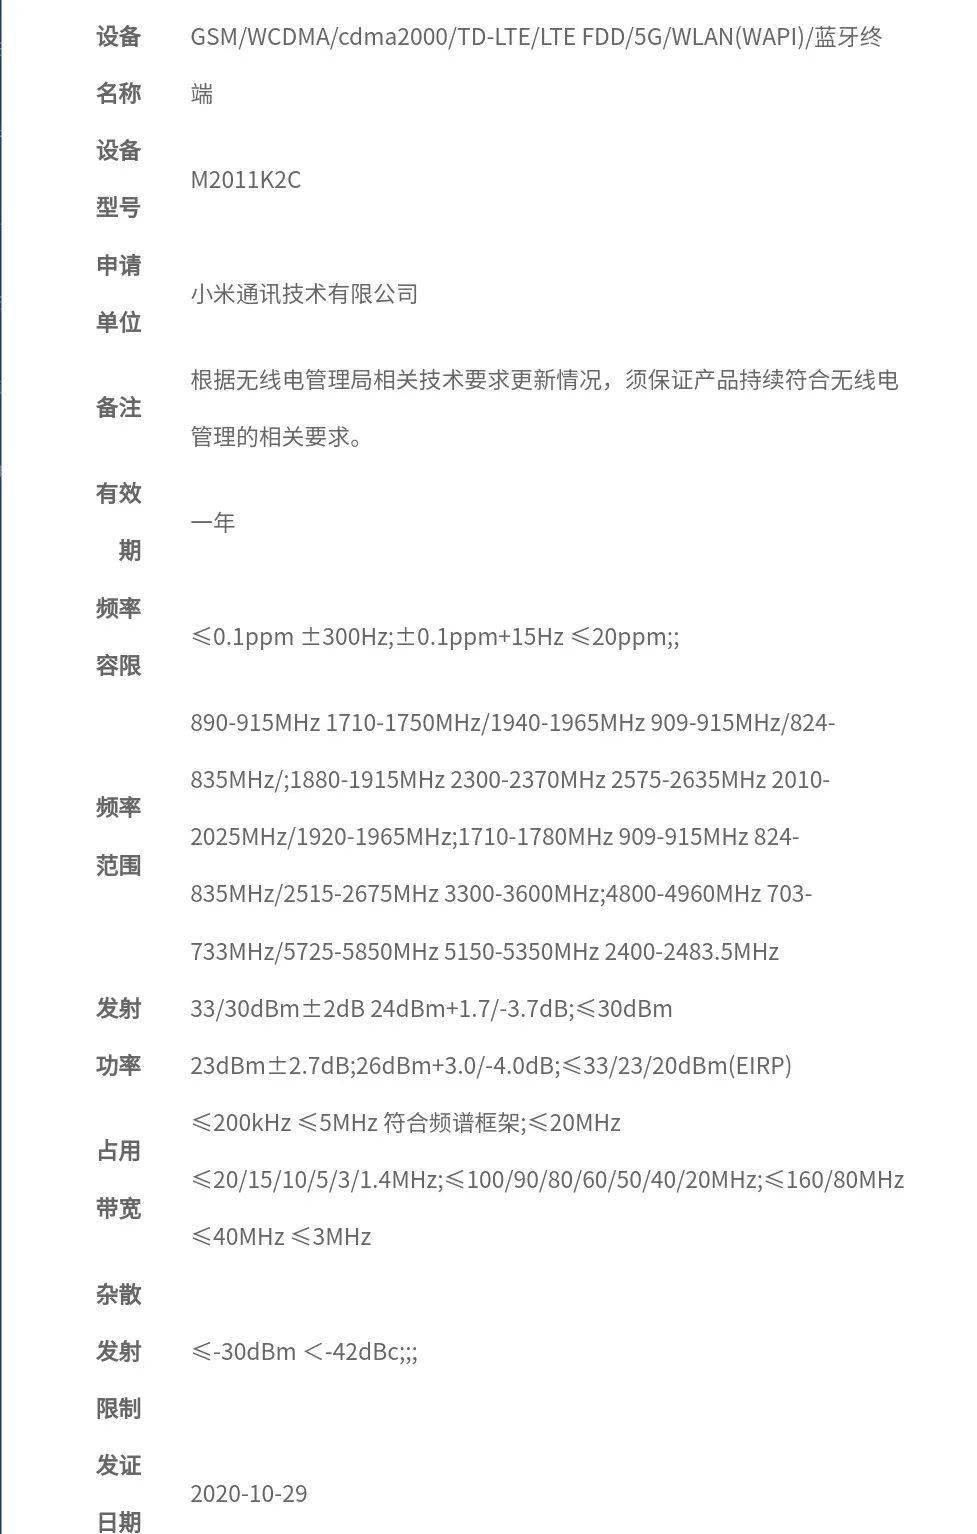 小米神秘5G新机入网:搭载全新处理器!